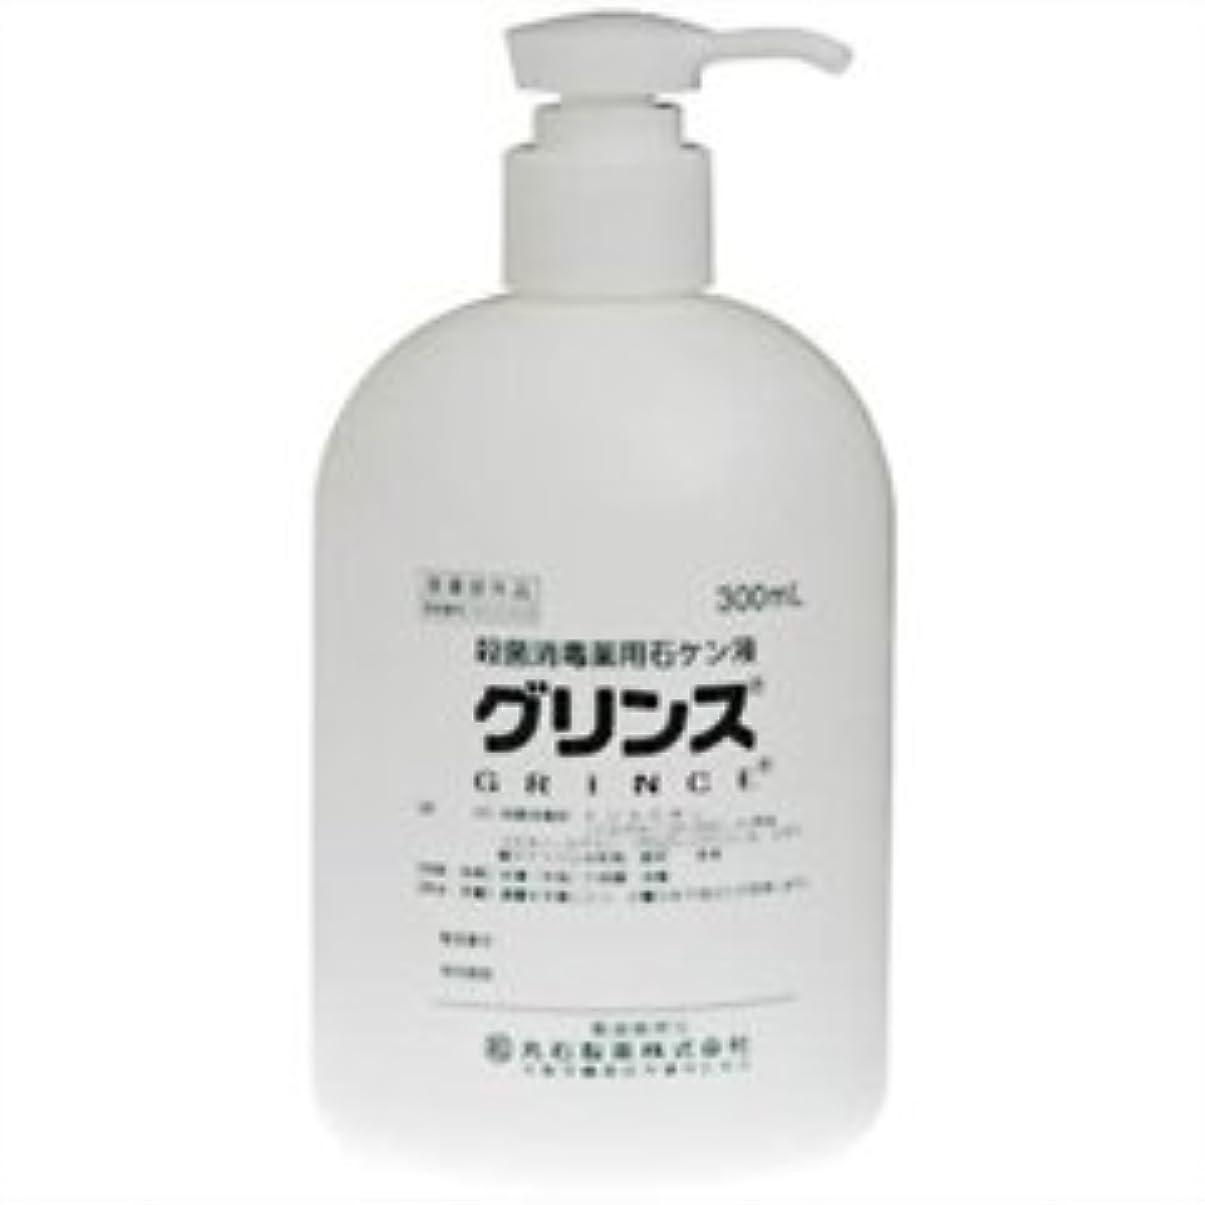 豚肉コンペ補助【丸石製薬】グリンス 300ml